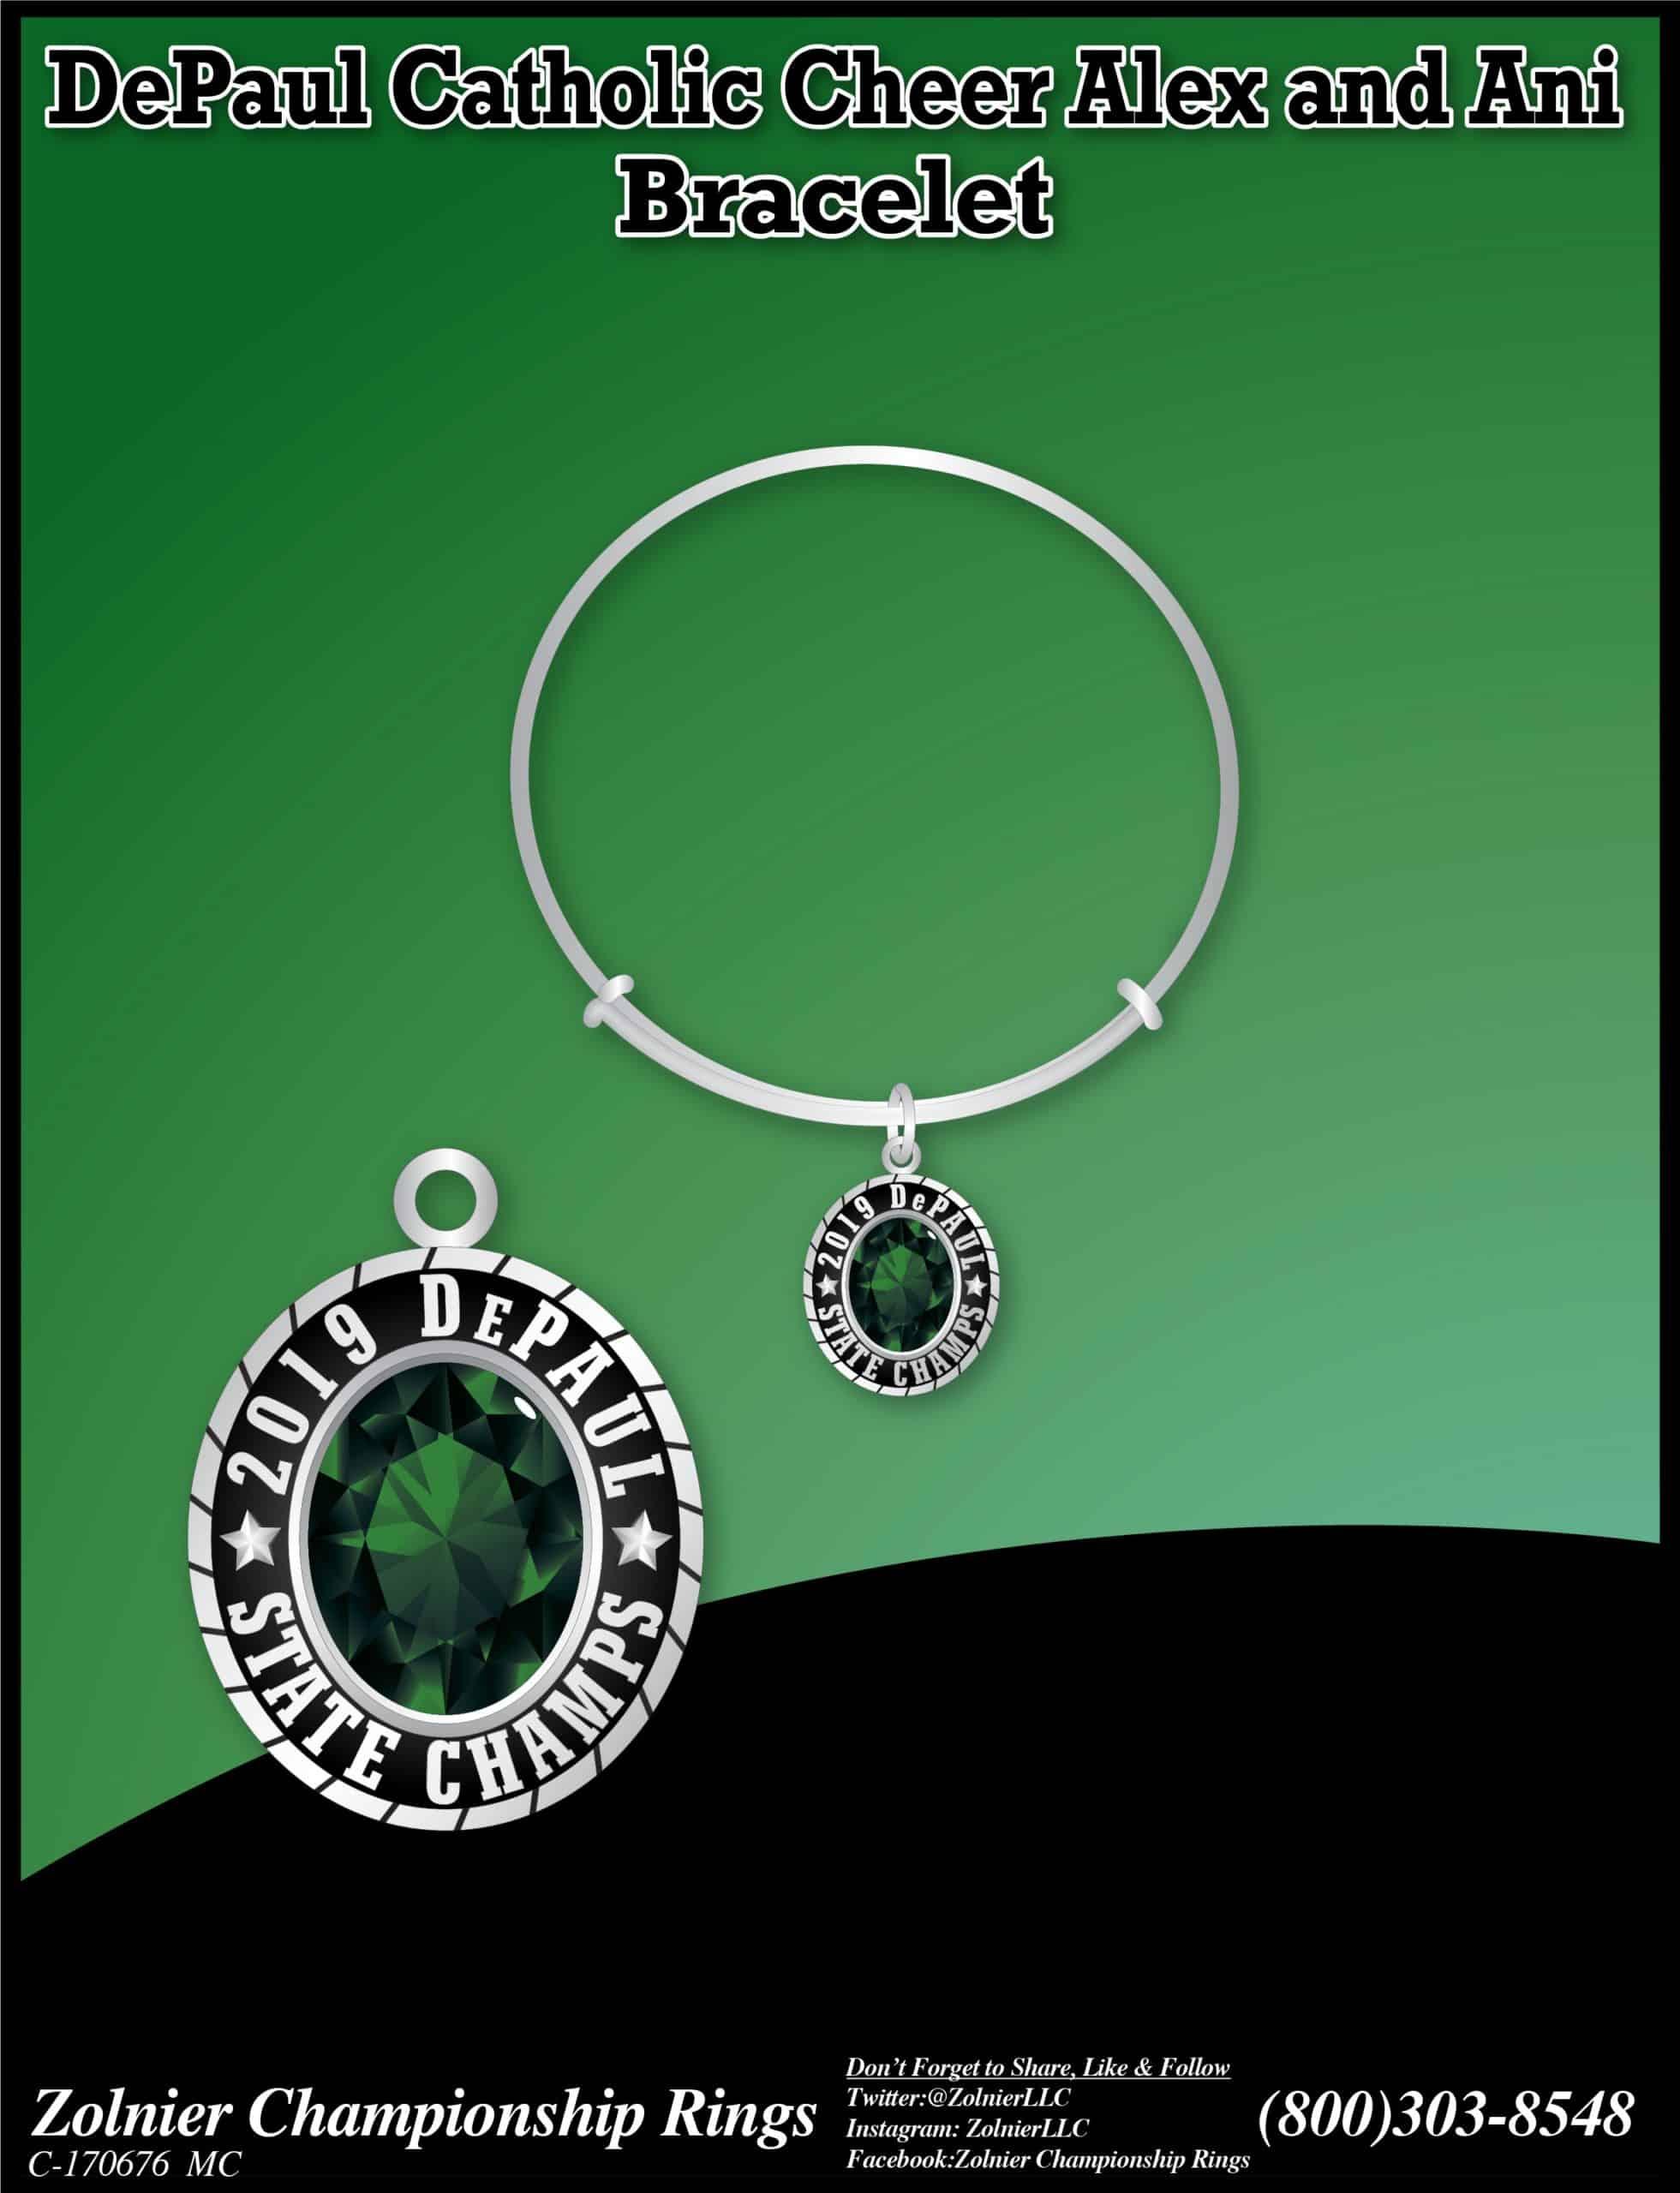 C-170676 - DePaul Cath. Cheer Bracelet -